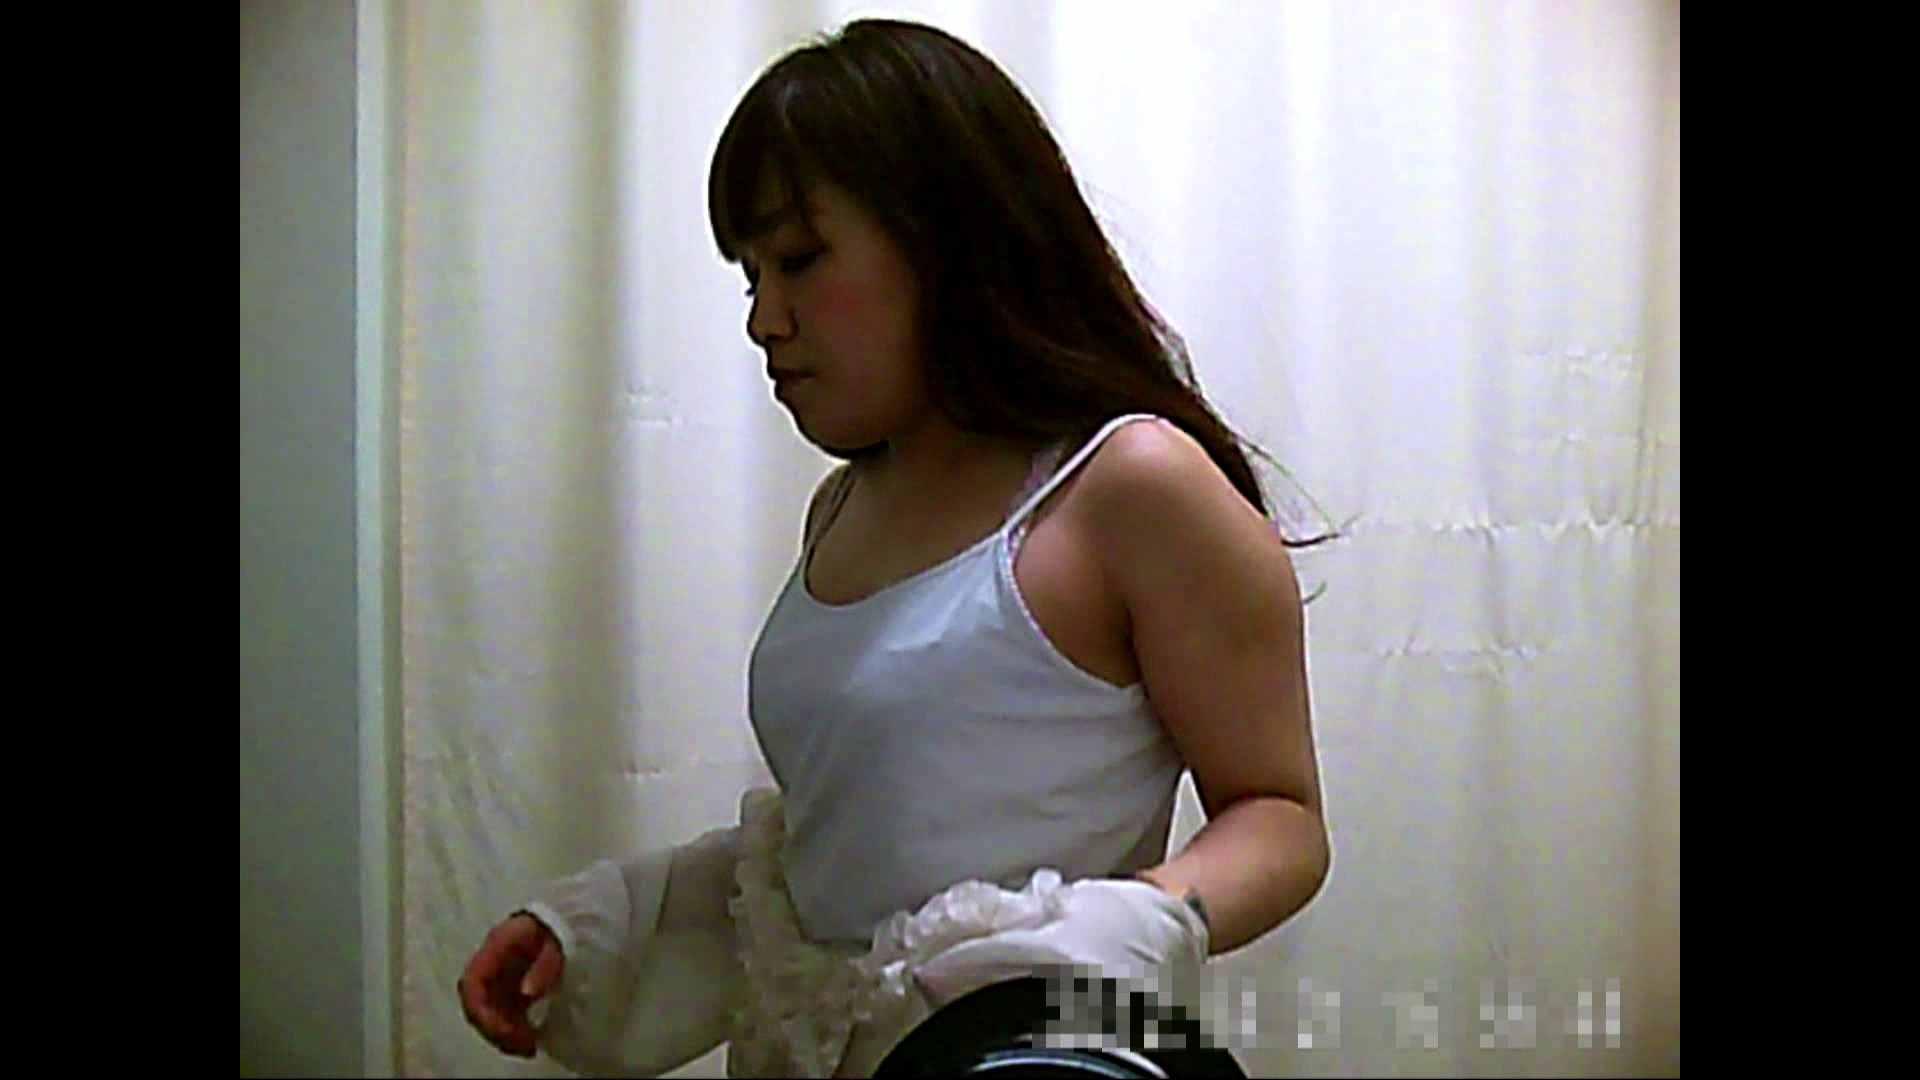 病院おもいっきり着替え! vol.284 おっぱい オマンコ無修正動画無料 56連発 20